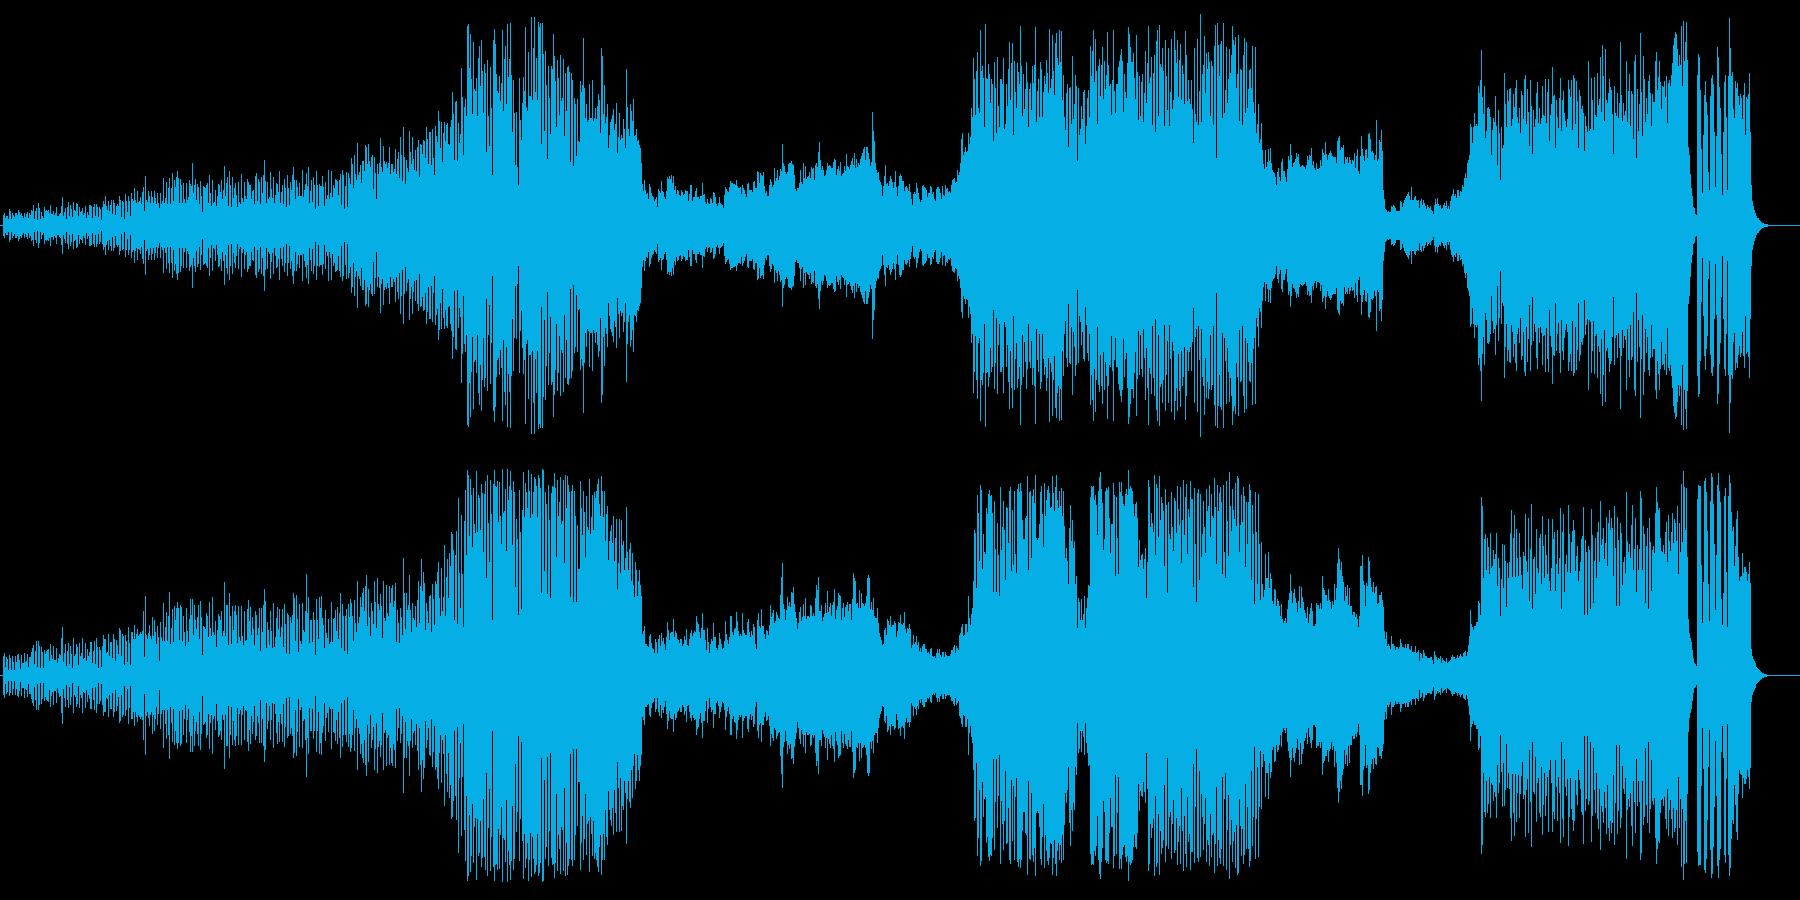 大きな大河ものタイトルイメージ組曲風の再生済みの波形